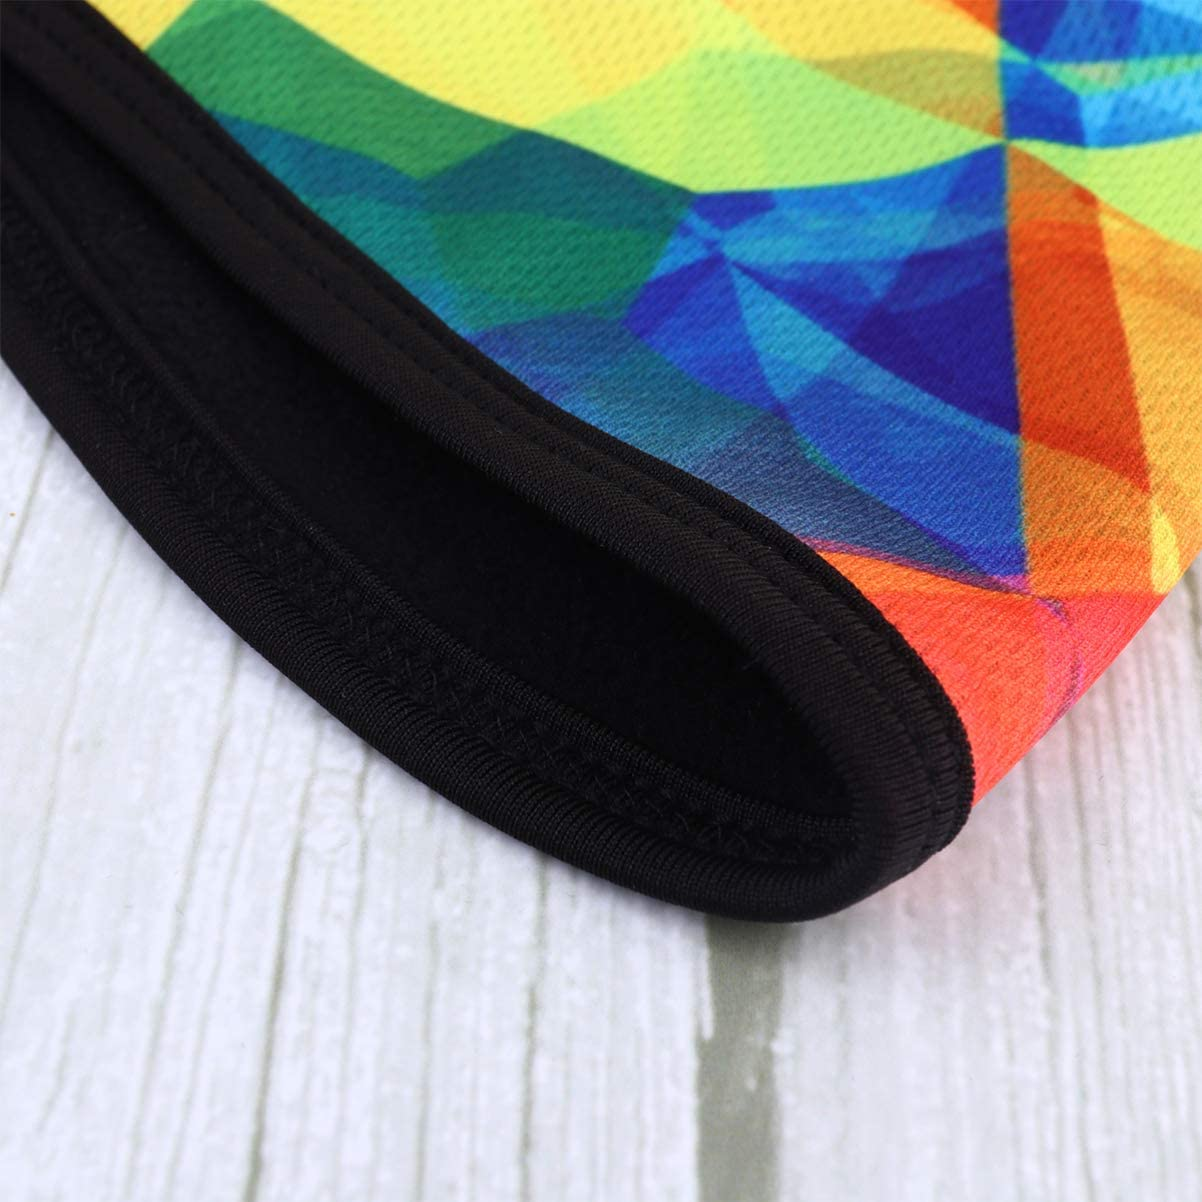 Minkissy Winter Stirnband Ohrenw/ärmer Haarband Bunten Kopf Wickeln f/ür Winter Laufen Yoga Skifahren Reiten Fahrrad Raute